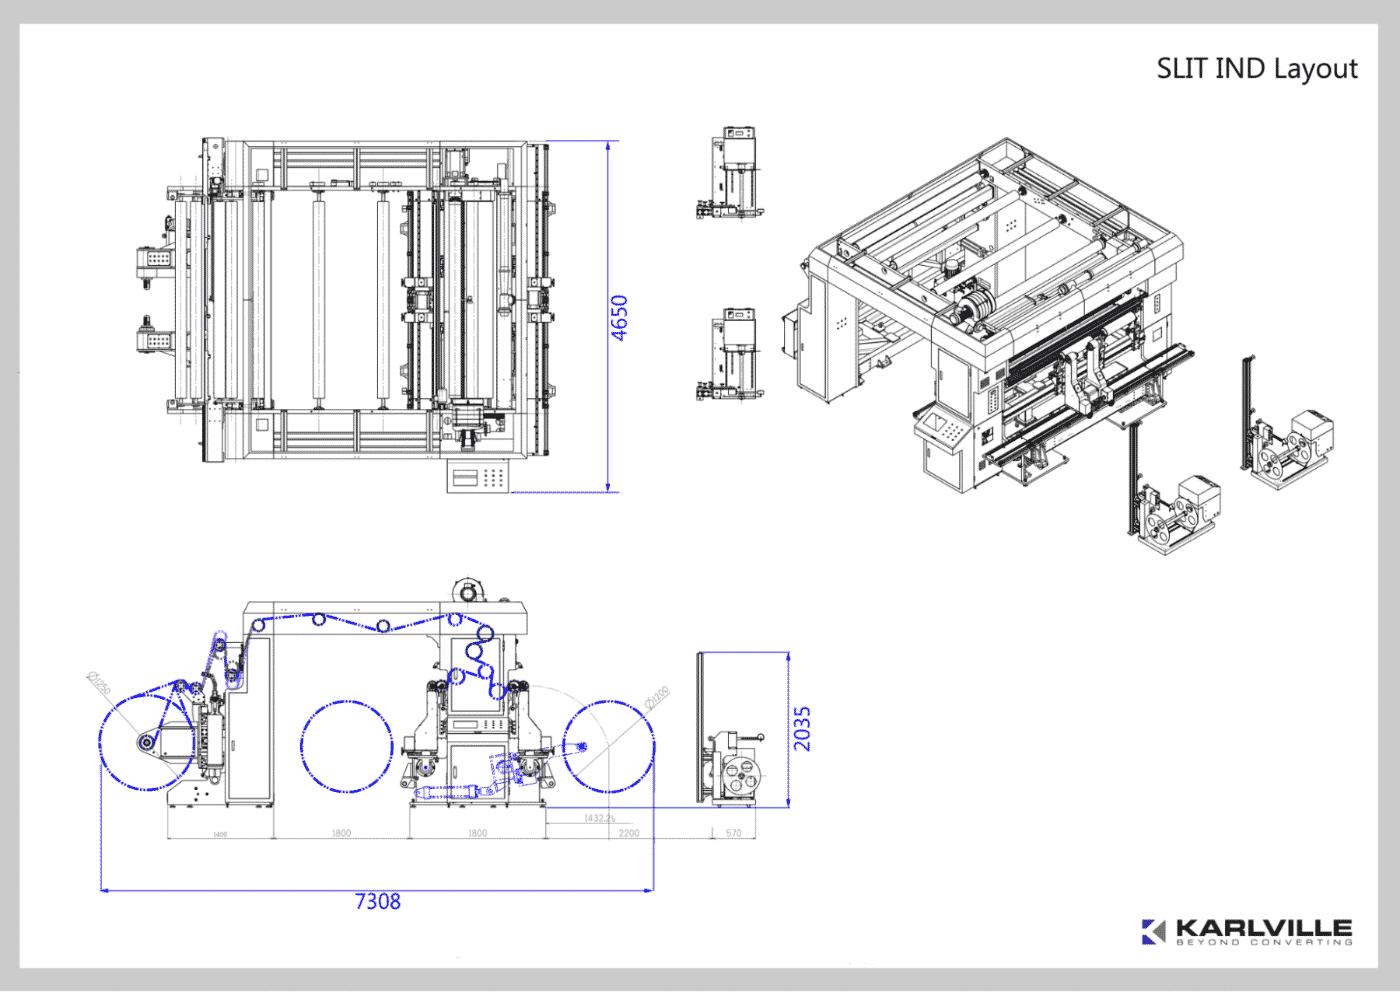 Slit Ind Wide Web Slitter Rewinder And Inspection